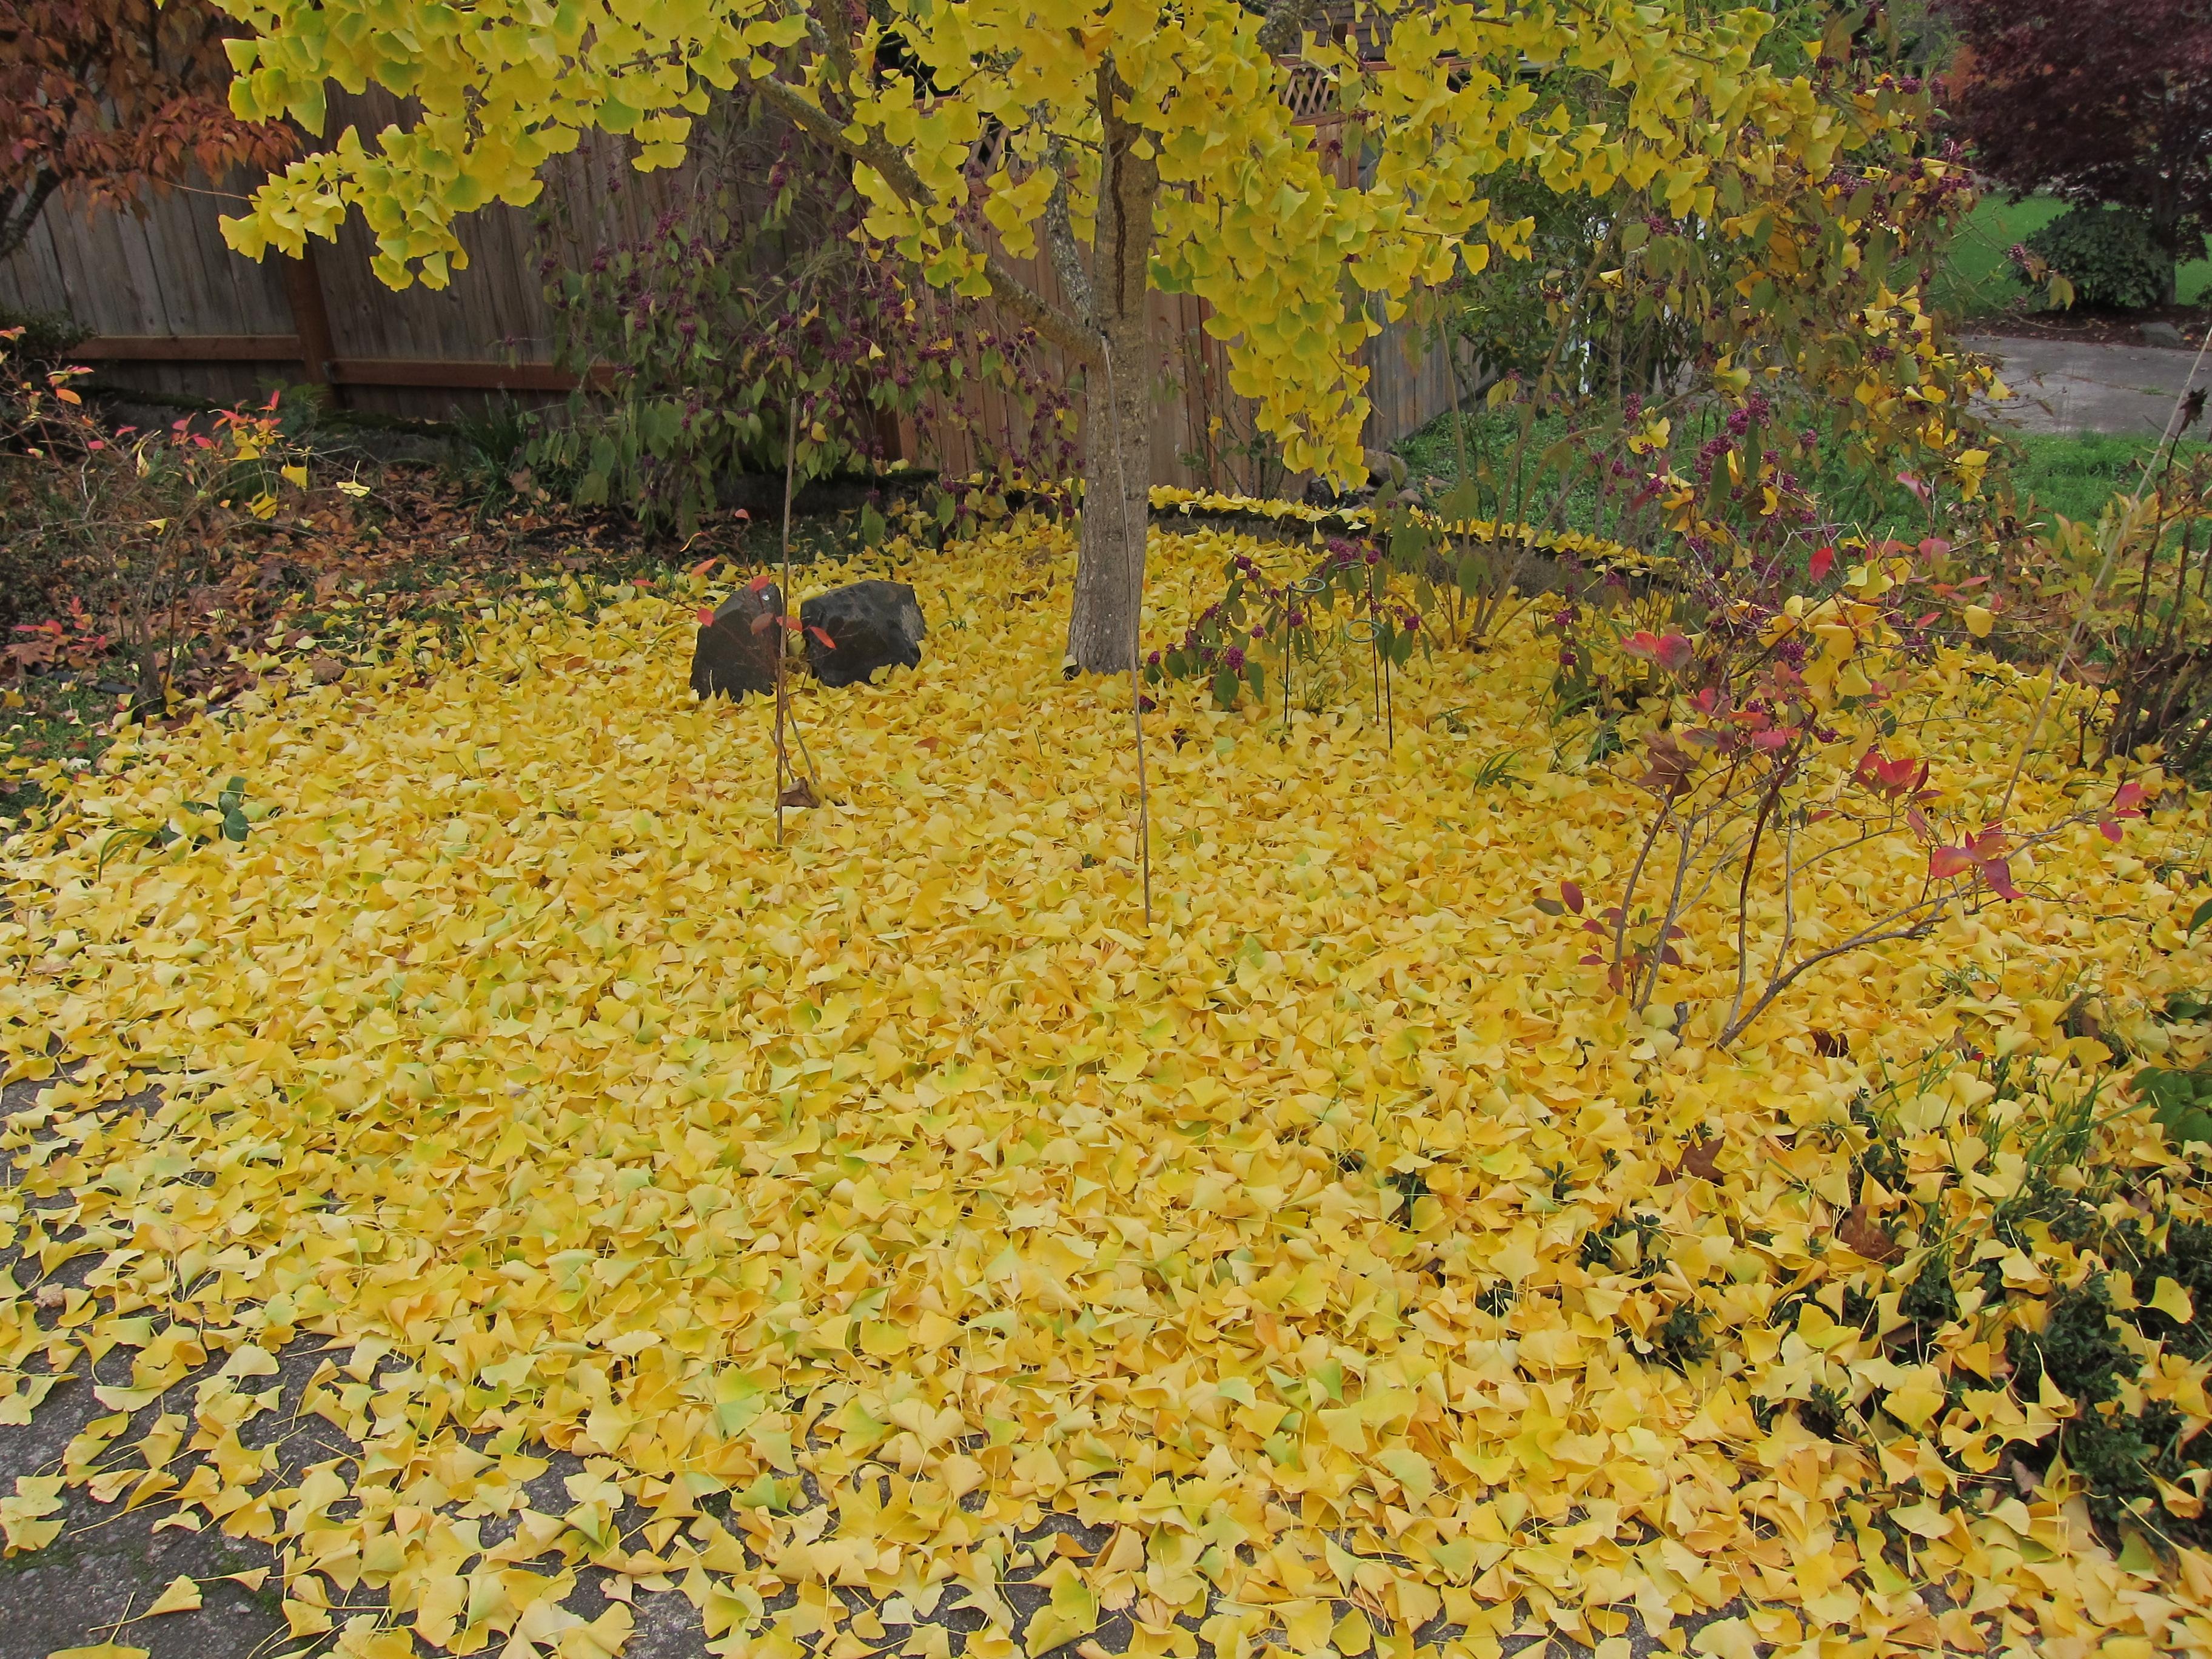 fallen yellow ginkgo leaves